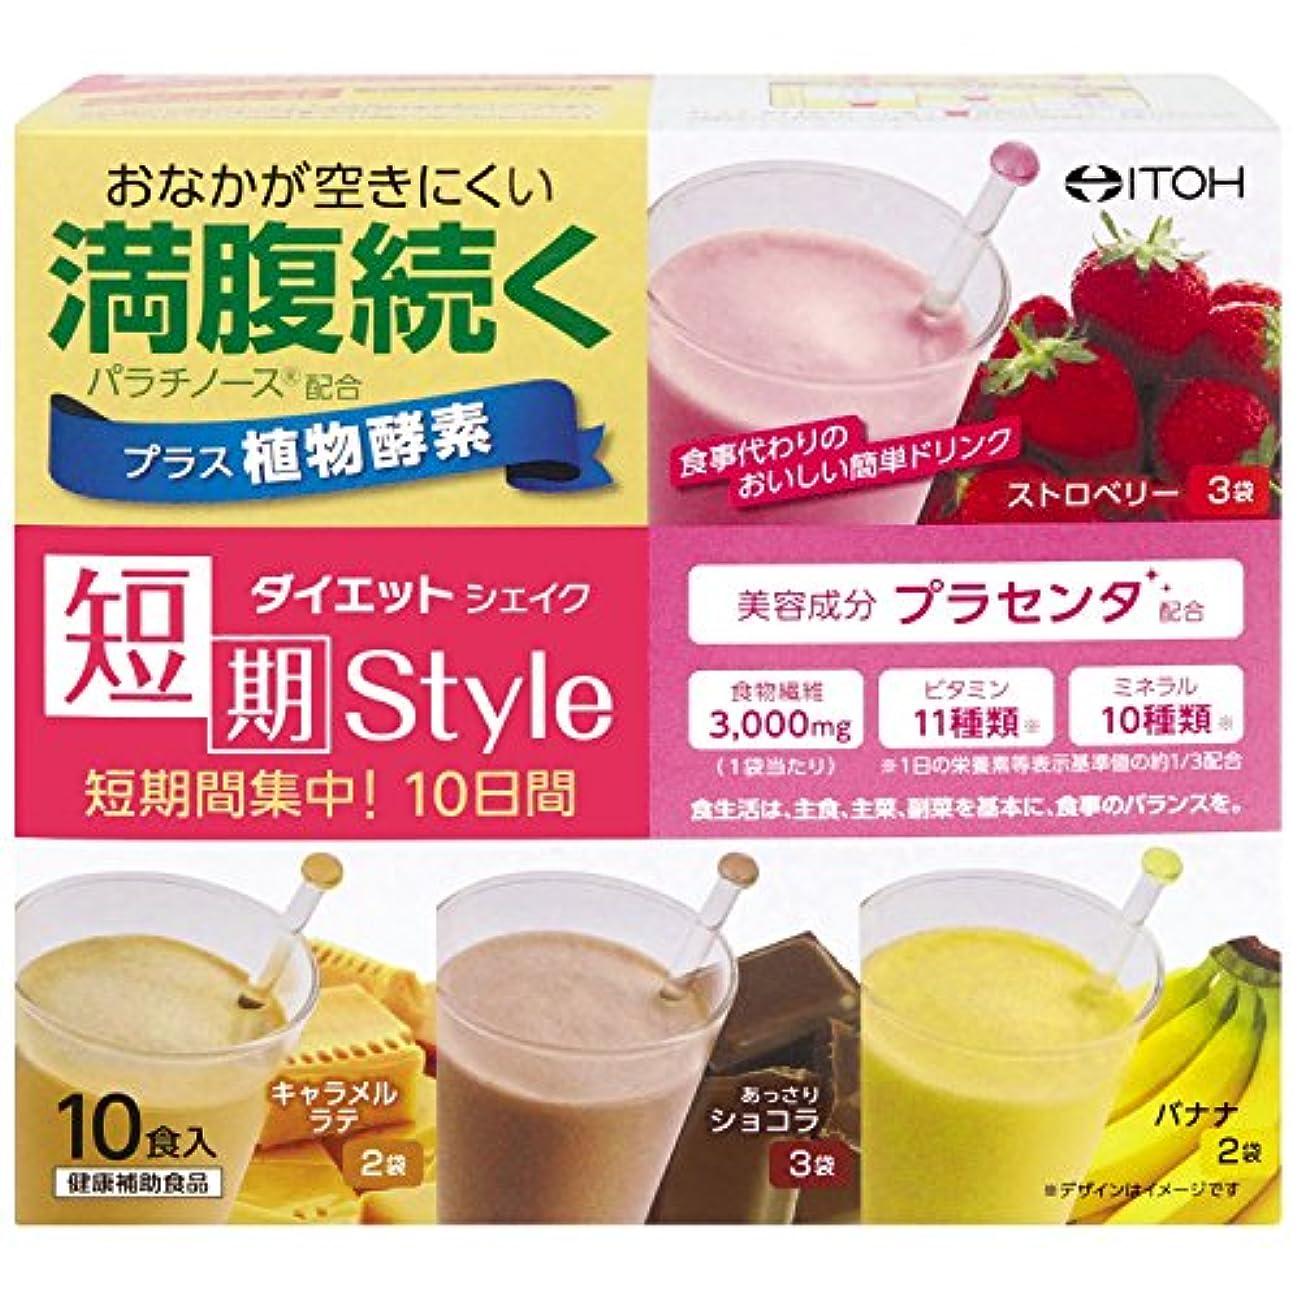 領域かわすのホスト井藤漢方製薬 短期スタイル ダイエットシェイク 25g×10袋